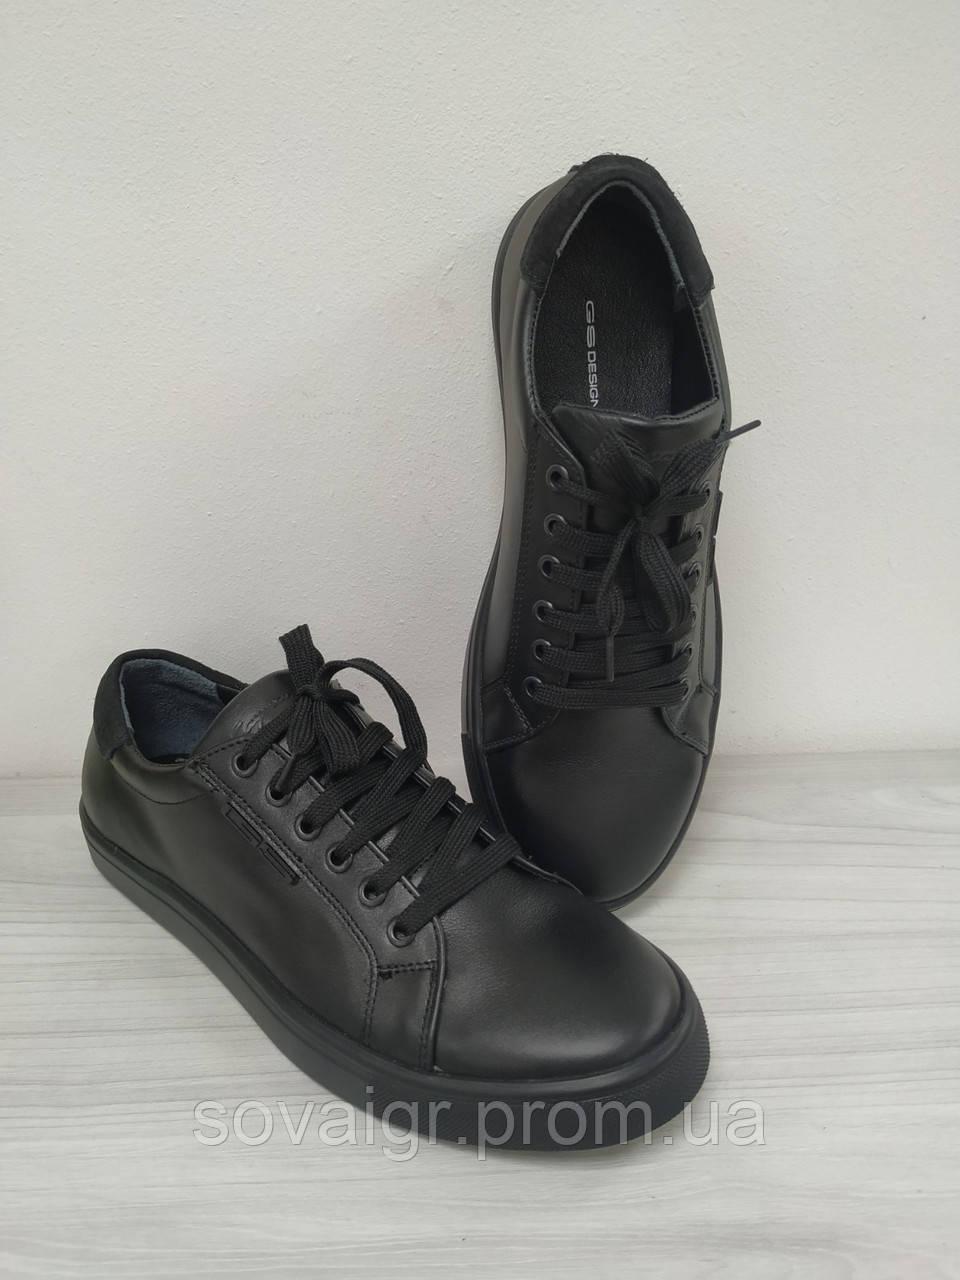 Кеды кожаные черные подростковые GS Акция!!! - 40%